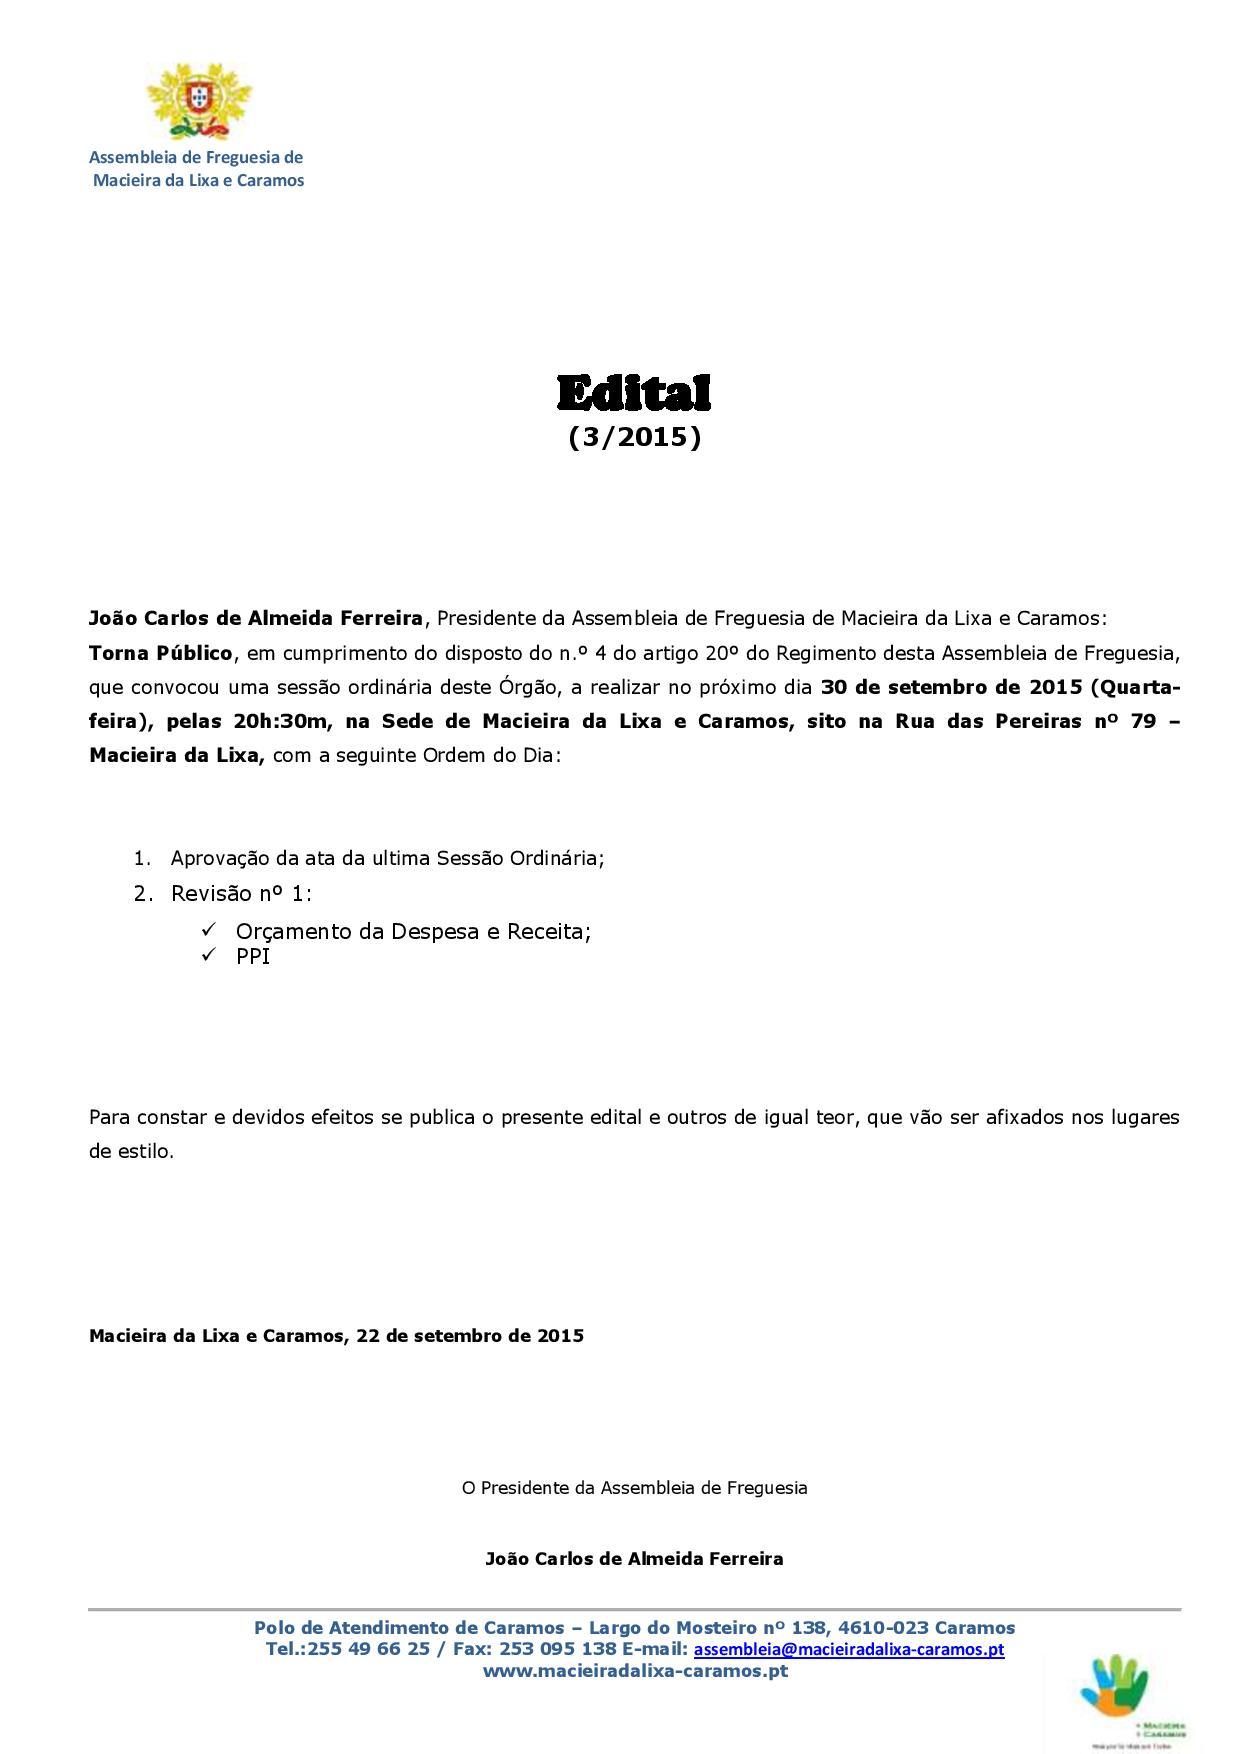 Edital_03_Sessão-Ordinária-da-Assembleia-de-Freguesia-de-Macieira-da-Lixa-e-Caramos-page-001